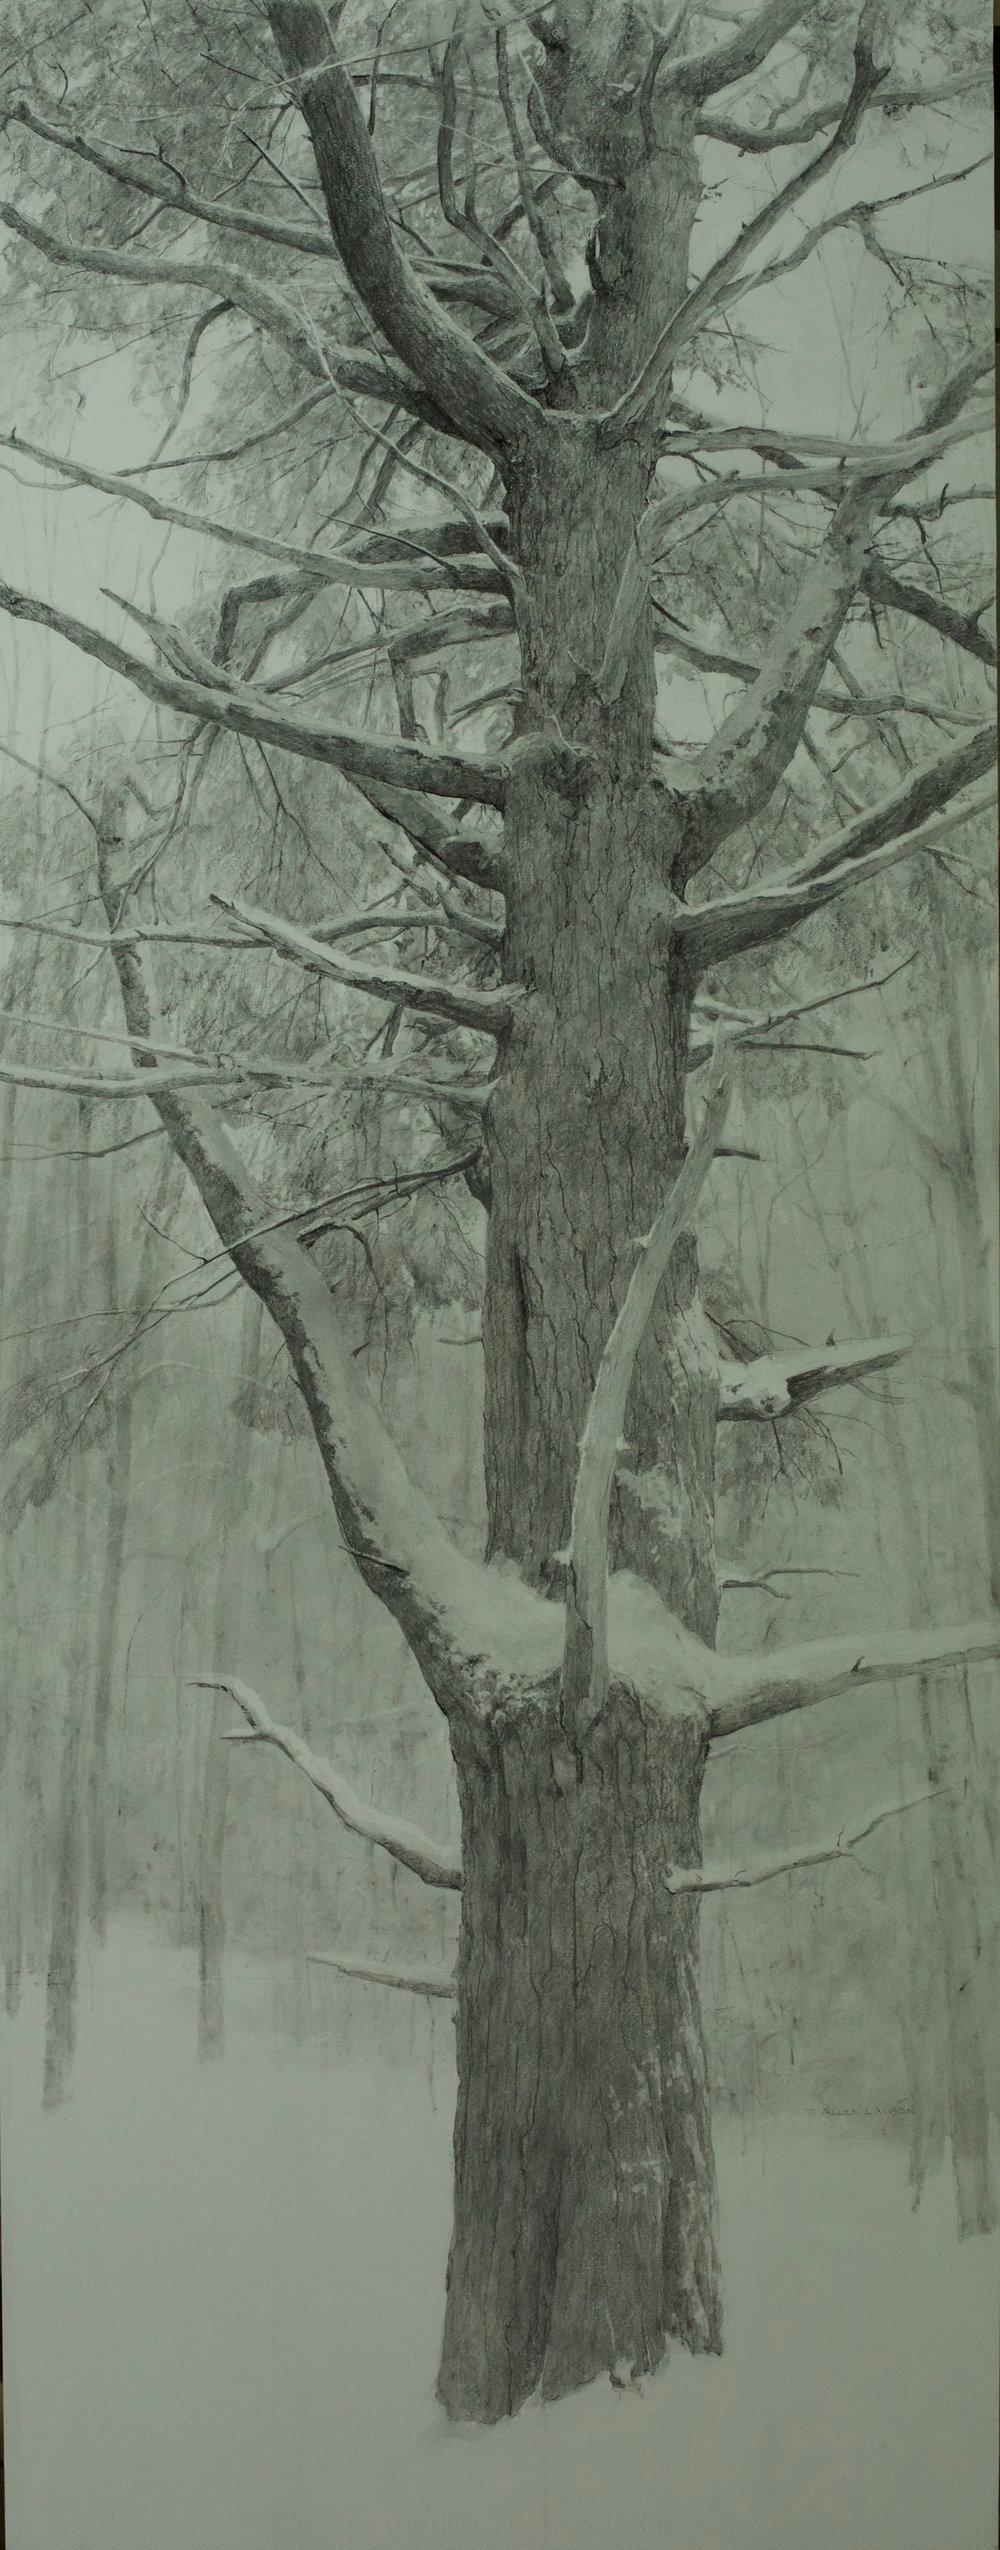 Interior Pine, graphite on paper, 54 x 21in.